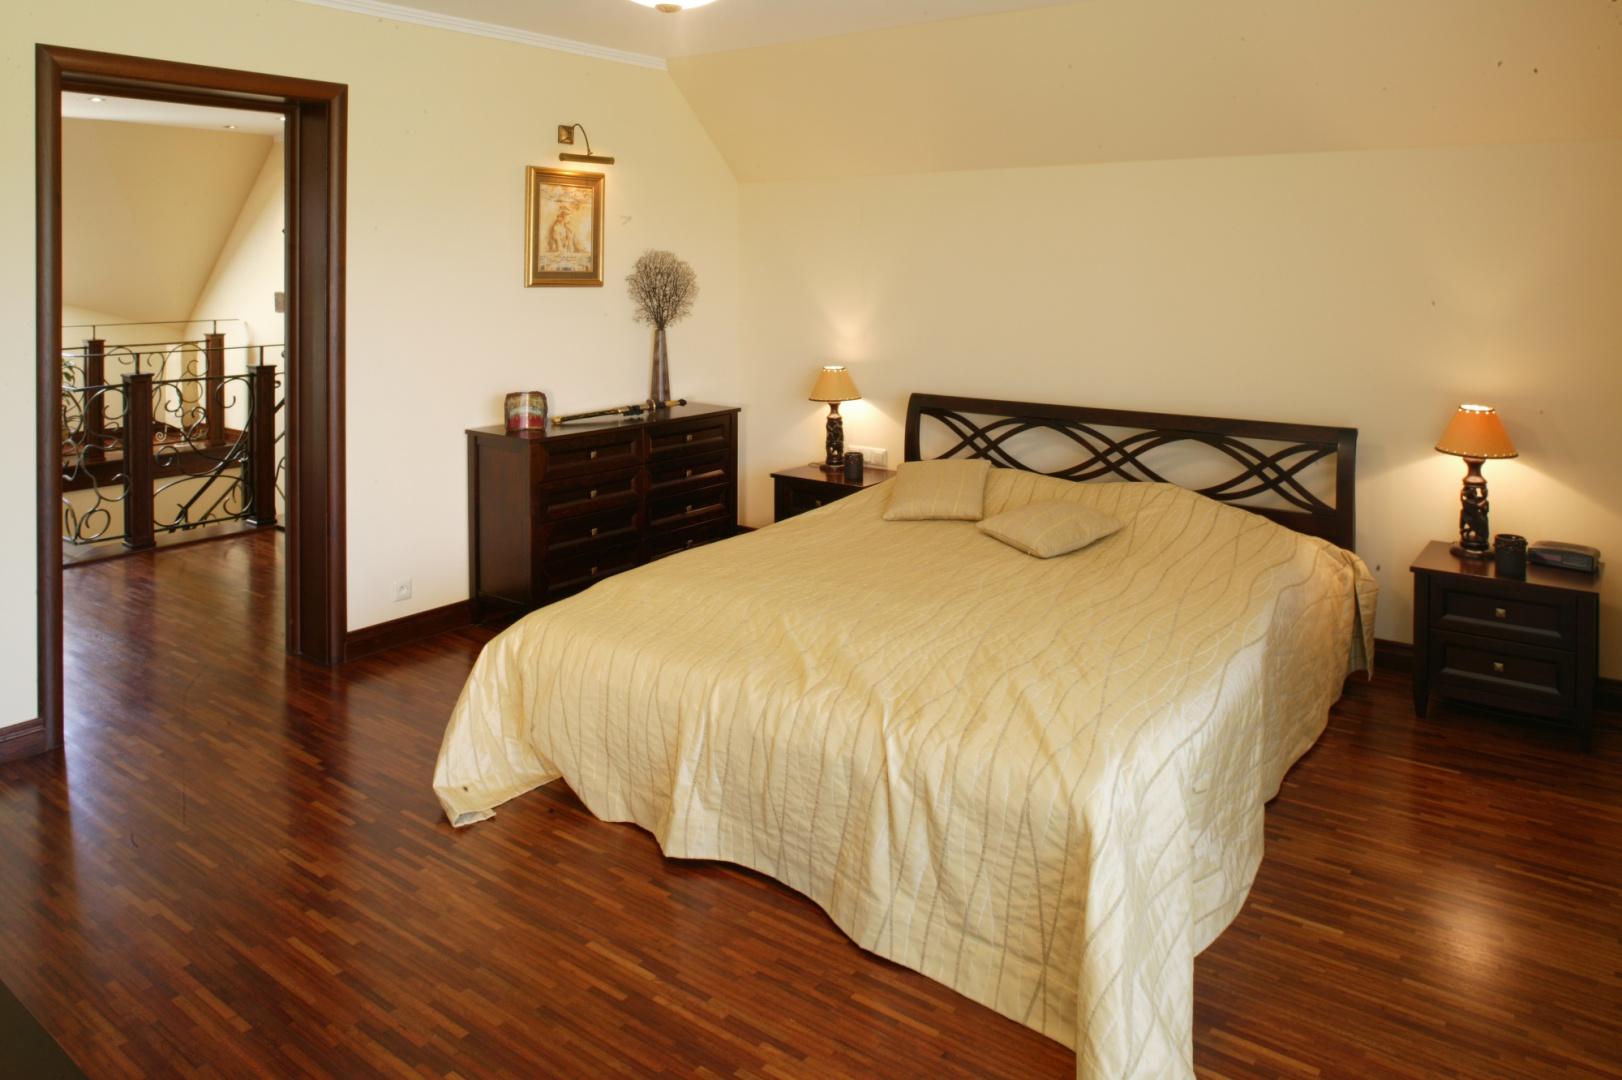 Sypialnia została zaaranżowana w ciepłych barwach. Centralne miejsce zajmuje tu duże łóżko z oryginalnym, jakby plecionym zagłówkiem. Towarzyszą mu ciemne, niezbyt masywne meble. Fot. Monika Filipiuk.